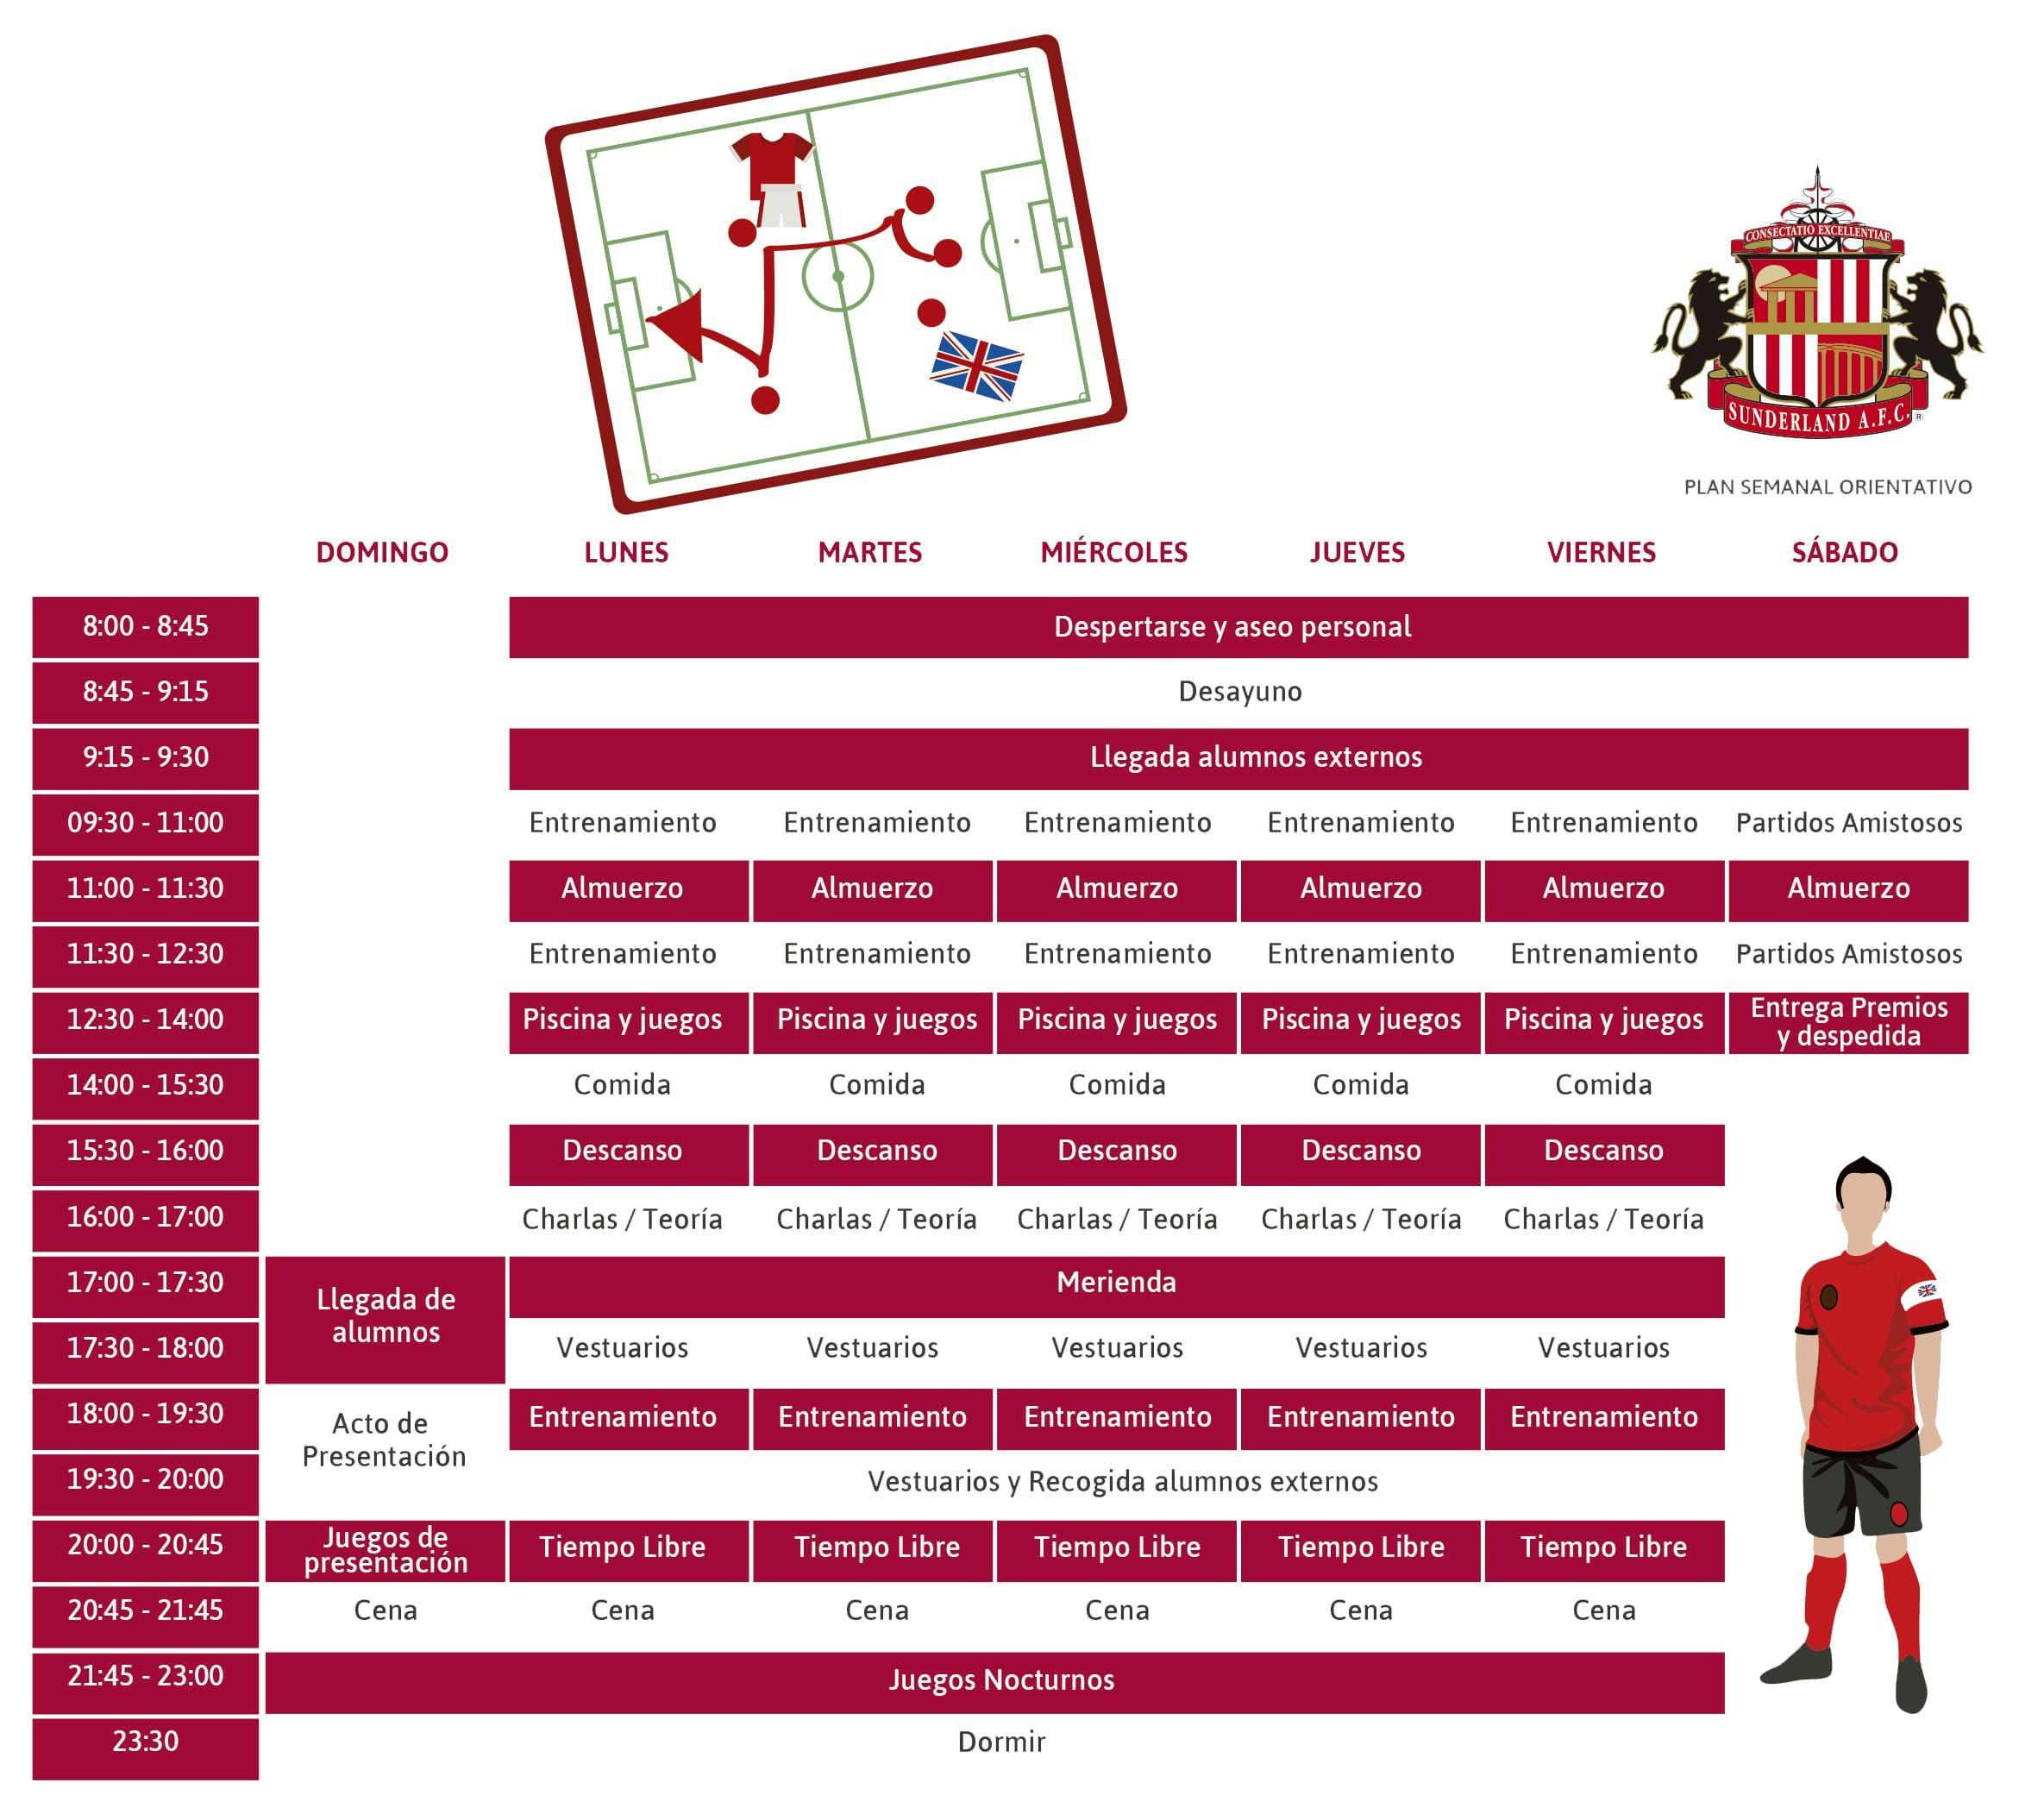 Plan Orientativo - Sunderland AFC